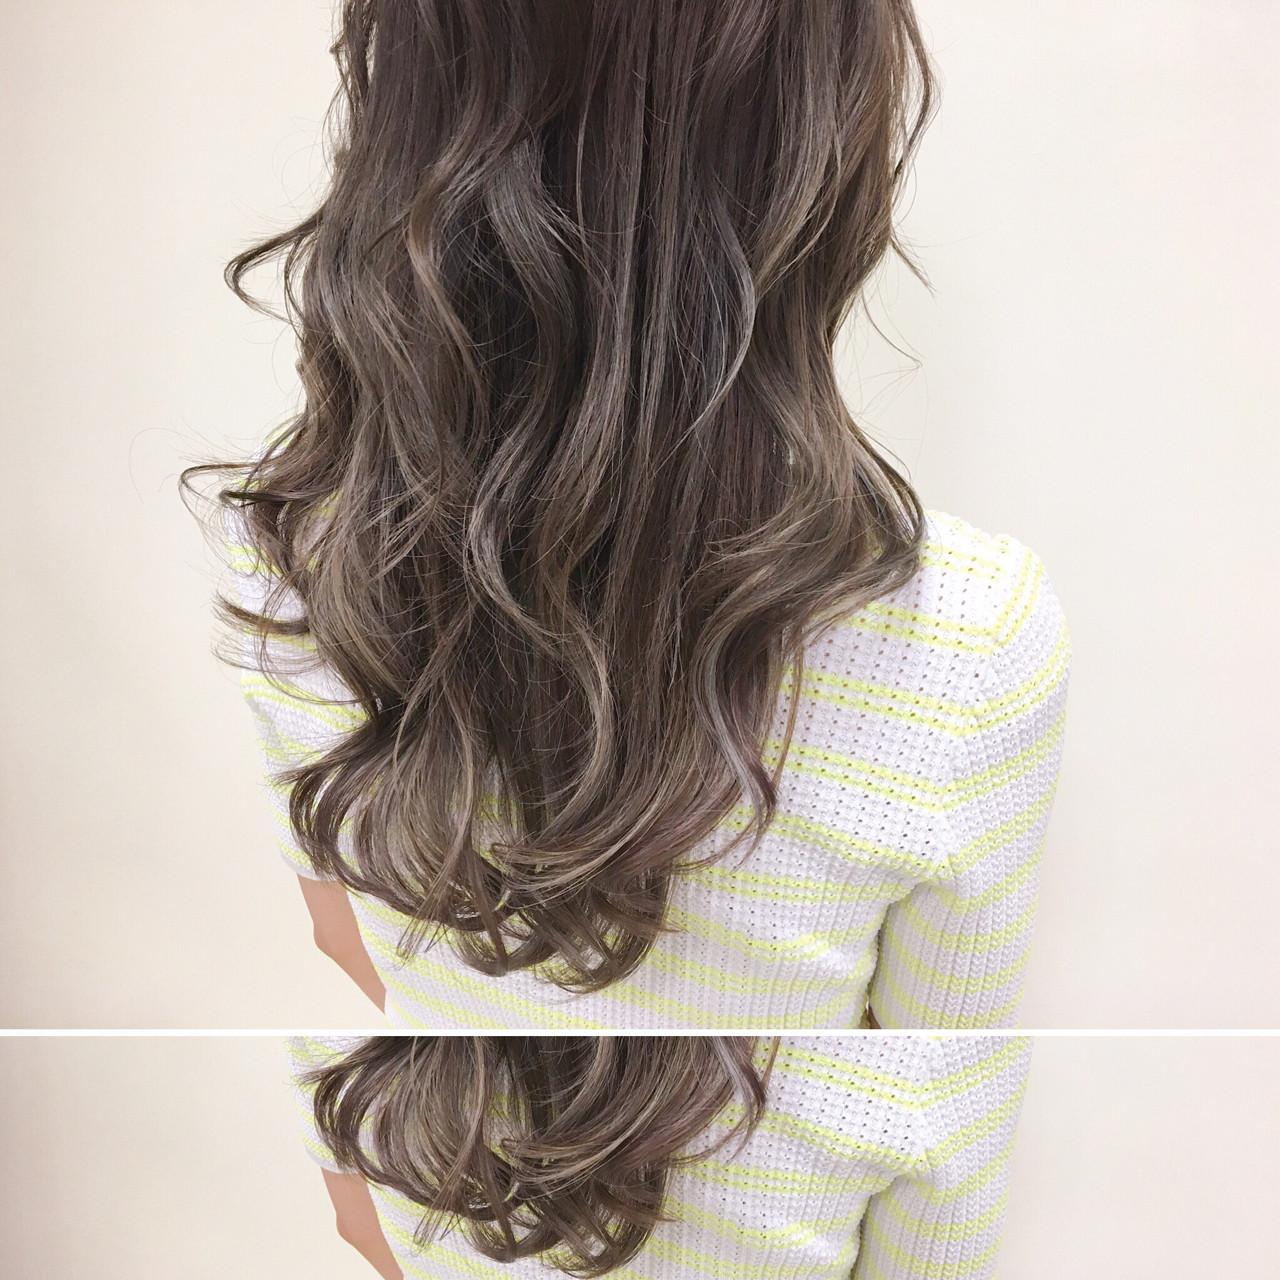 グラデーションカラー ナチュラル 大人かわいい セミロング ヘアスタイルや髪型の写真・画像 | 新垣修平 / CARE shinsaibashi